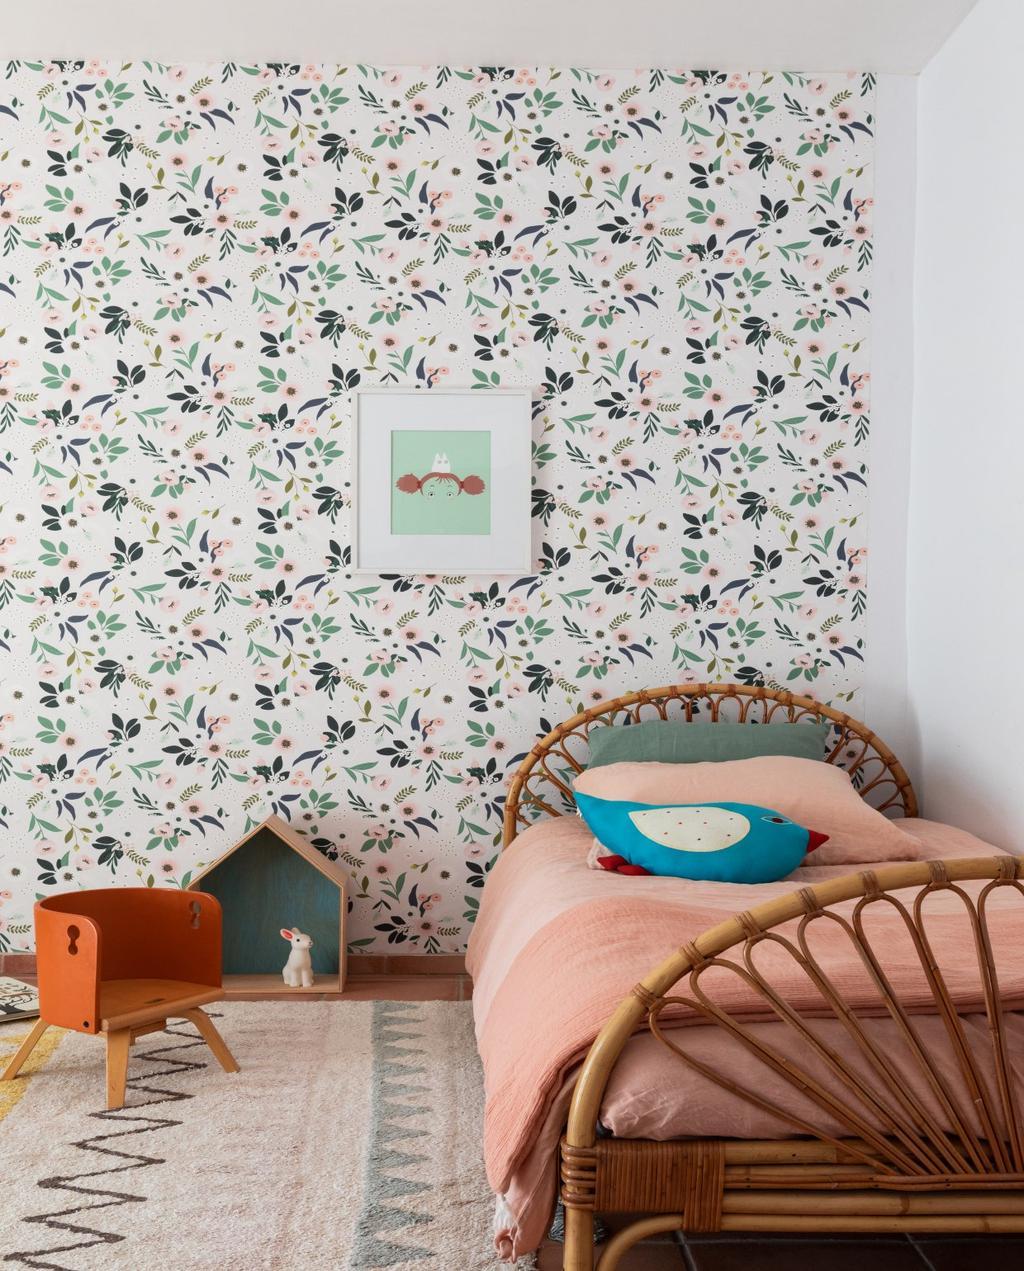 vtwonen 08-2020 | bk buitenland Frankrijk slaapkamer met rotan dekbed en roze dekbed